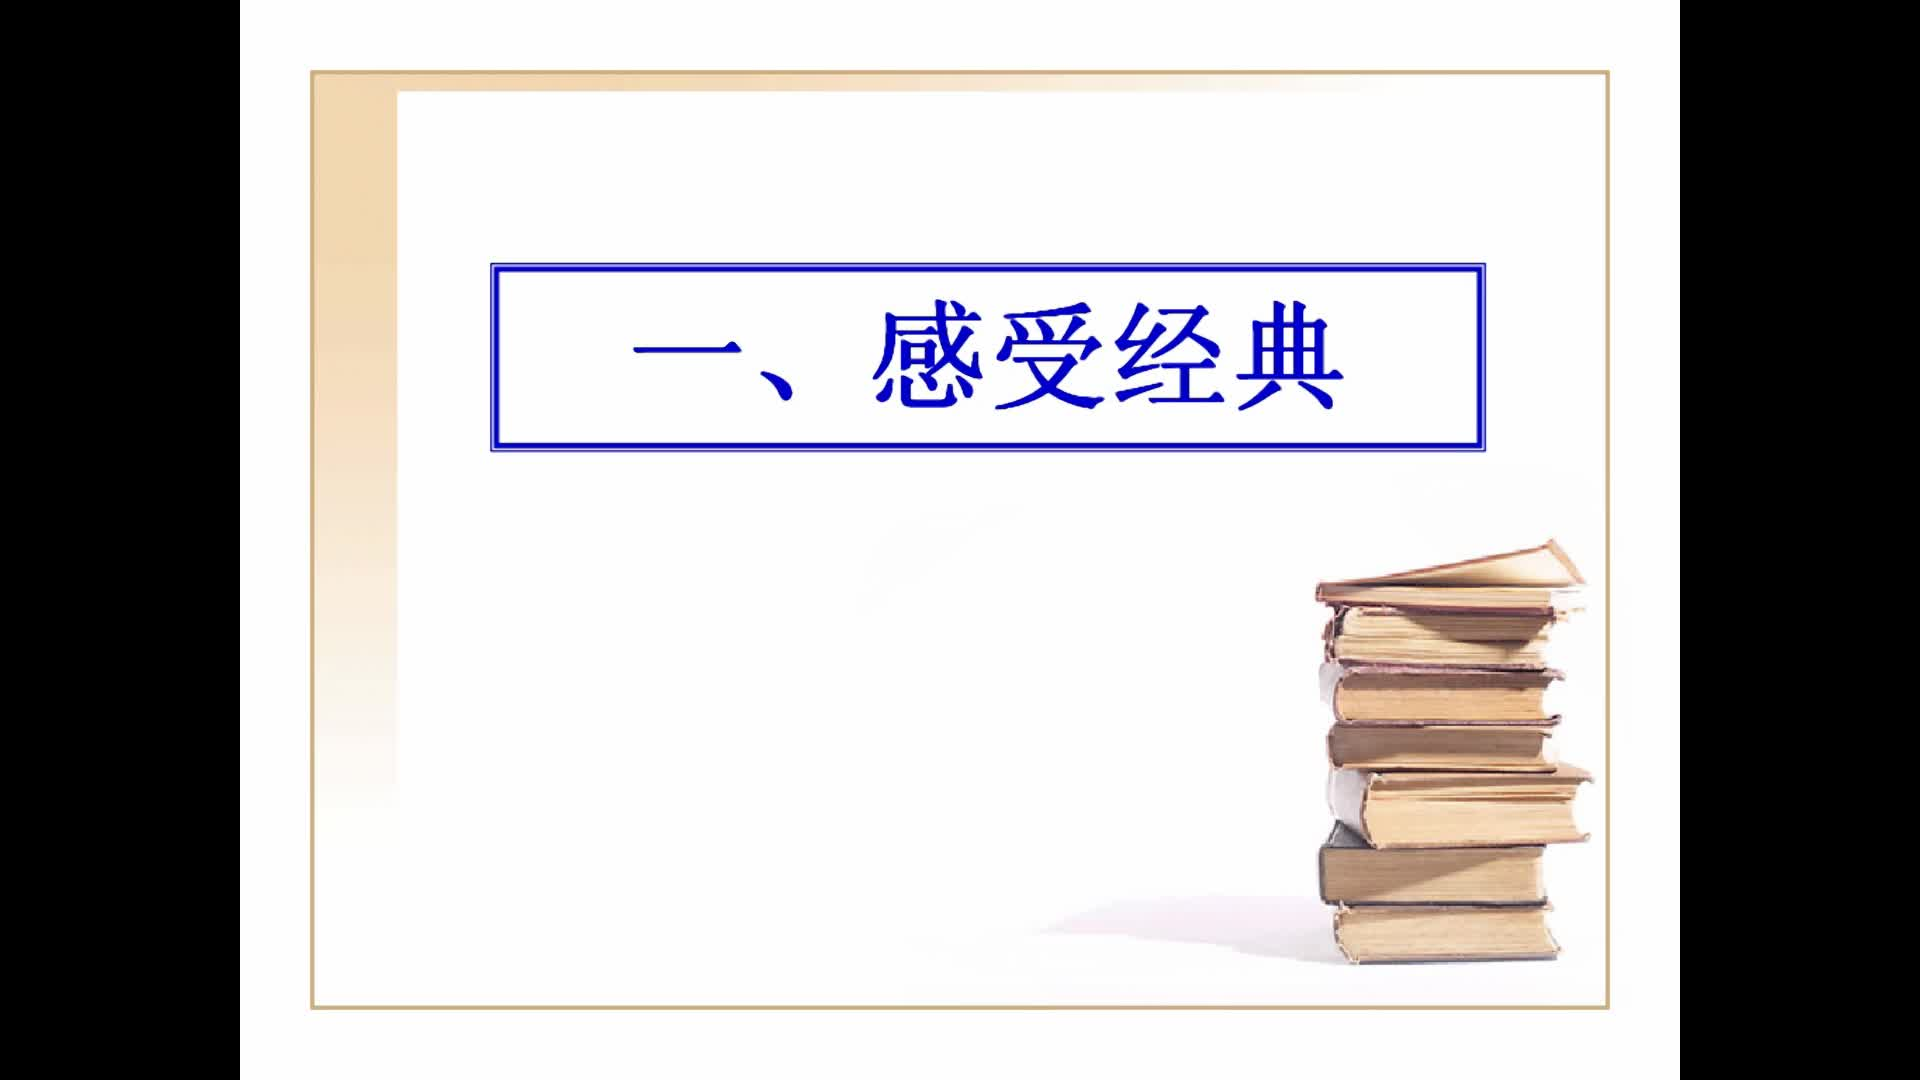 九年级语文上册:运用对比手法写活人人物凸显主题-微课堂